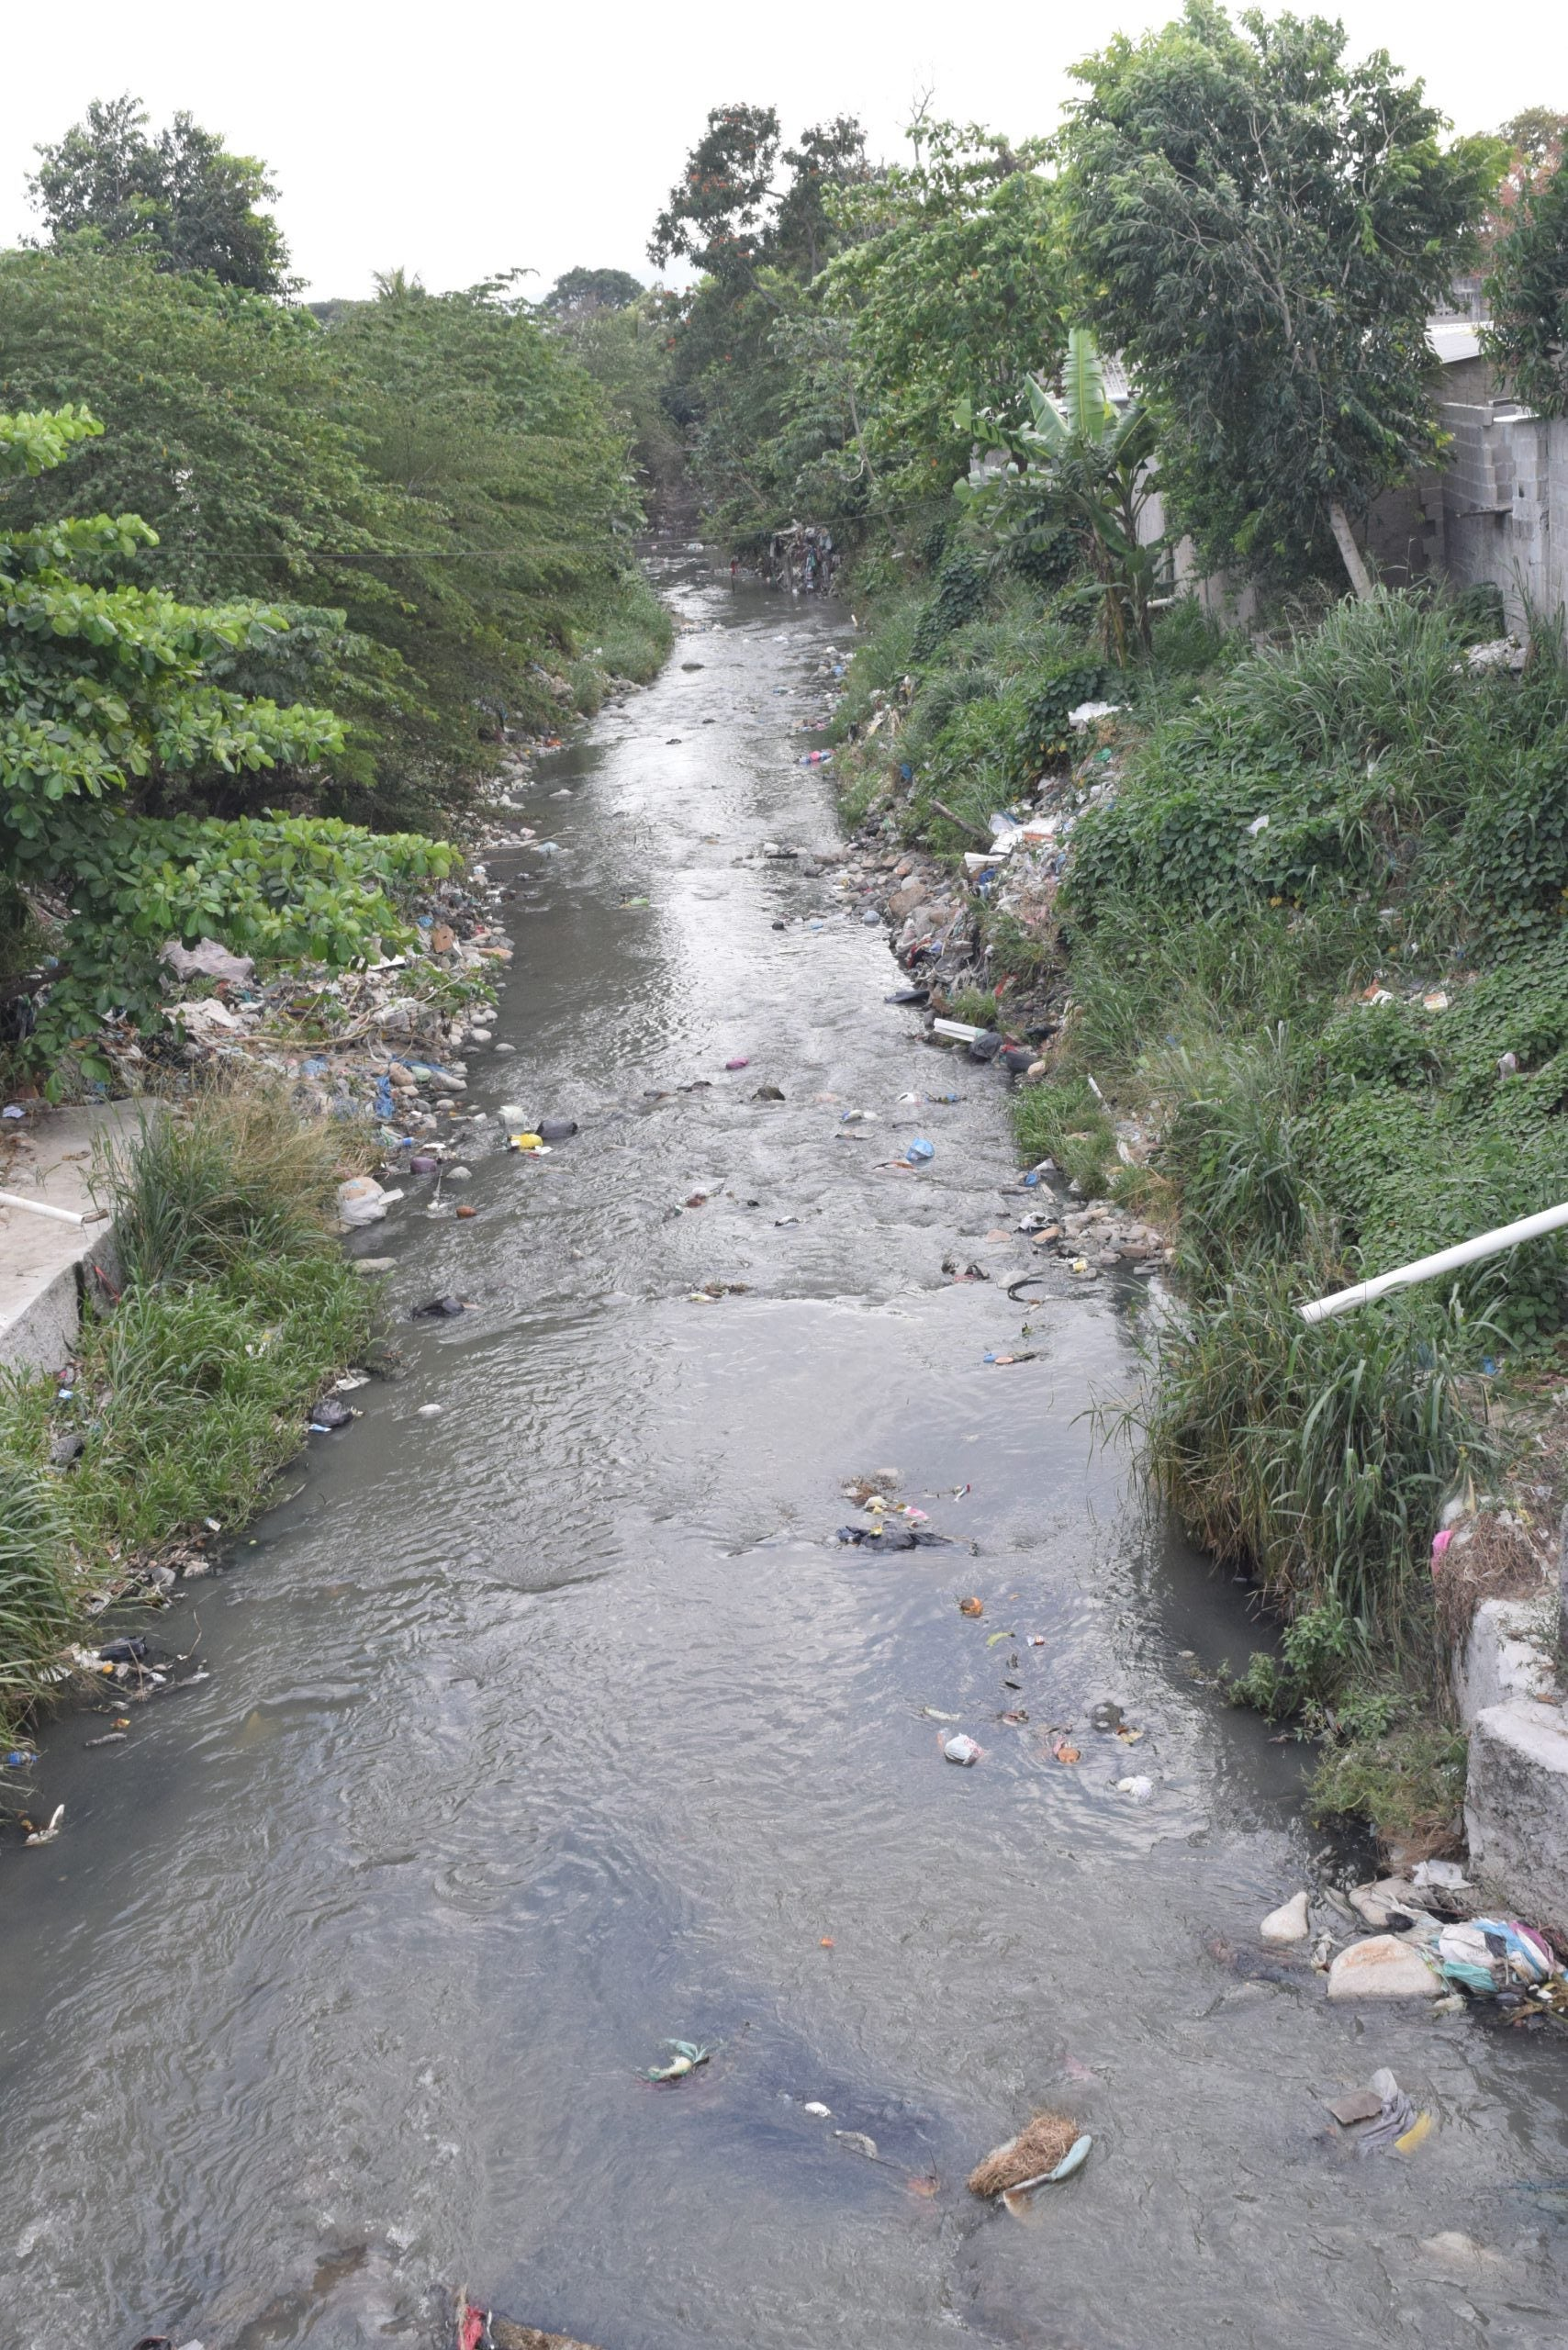 Las imágenes captadas por TIEMPO TV evidencian cómo entre la basura se mezclan las aguas negras y el olor puede percibirse a metros de distancia.